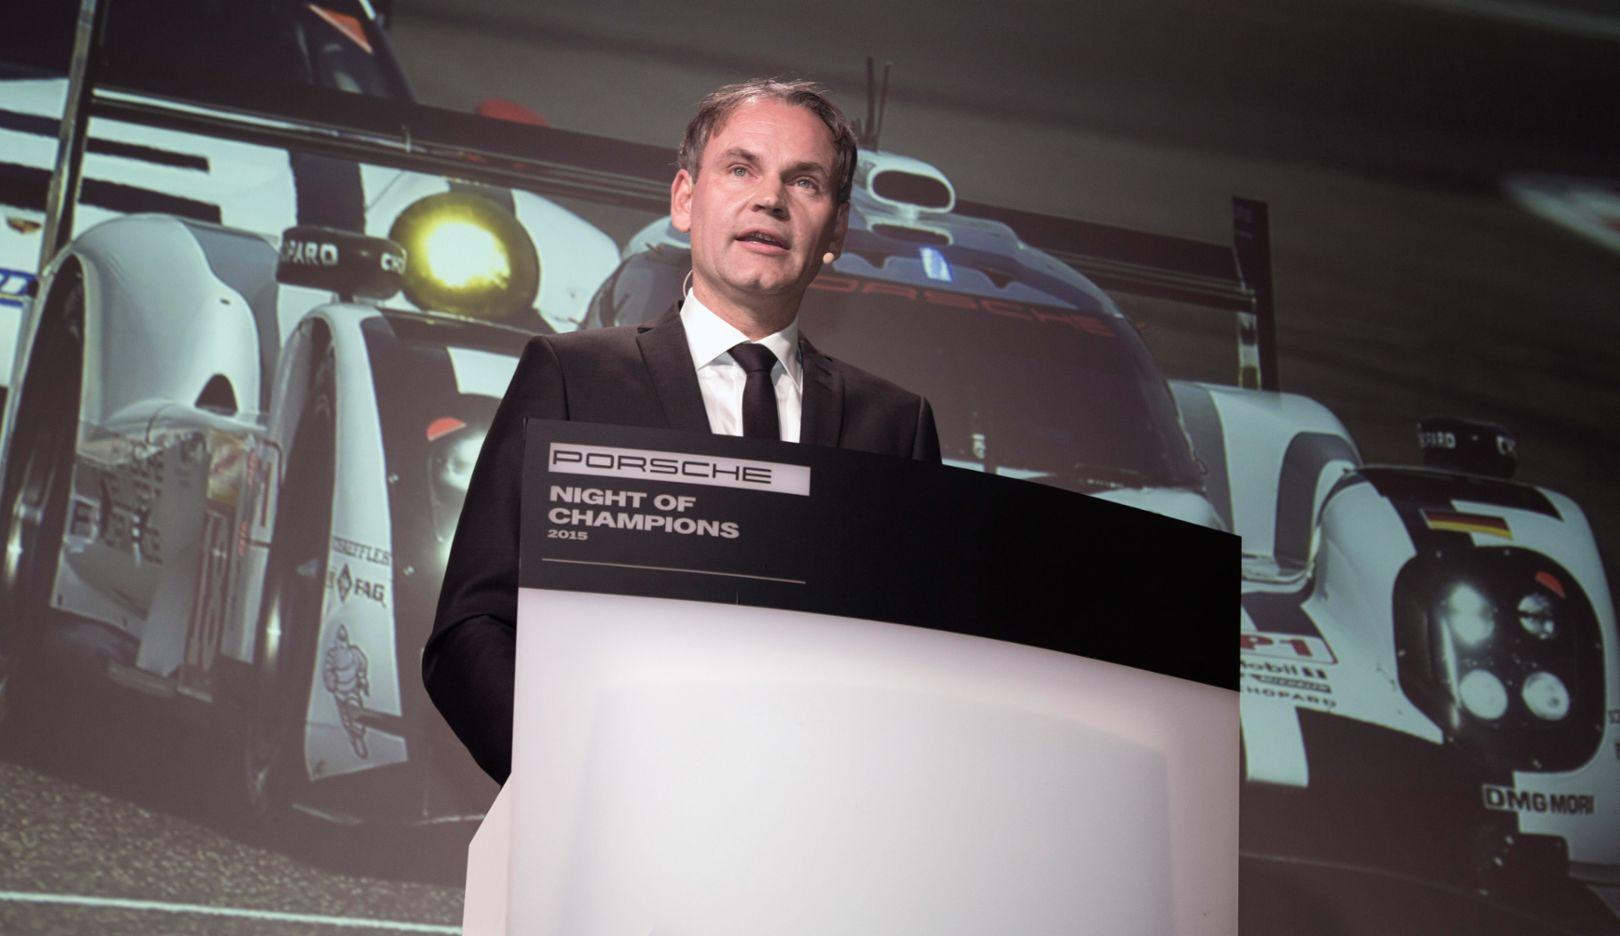 Oliver Blume, Porsche CEO, Porsche Cup Ceremony, Night of Champions motorsport gala, Weissach, 2015, Porsche AG